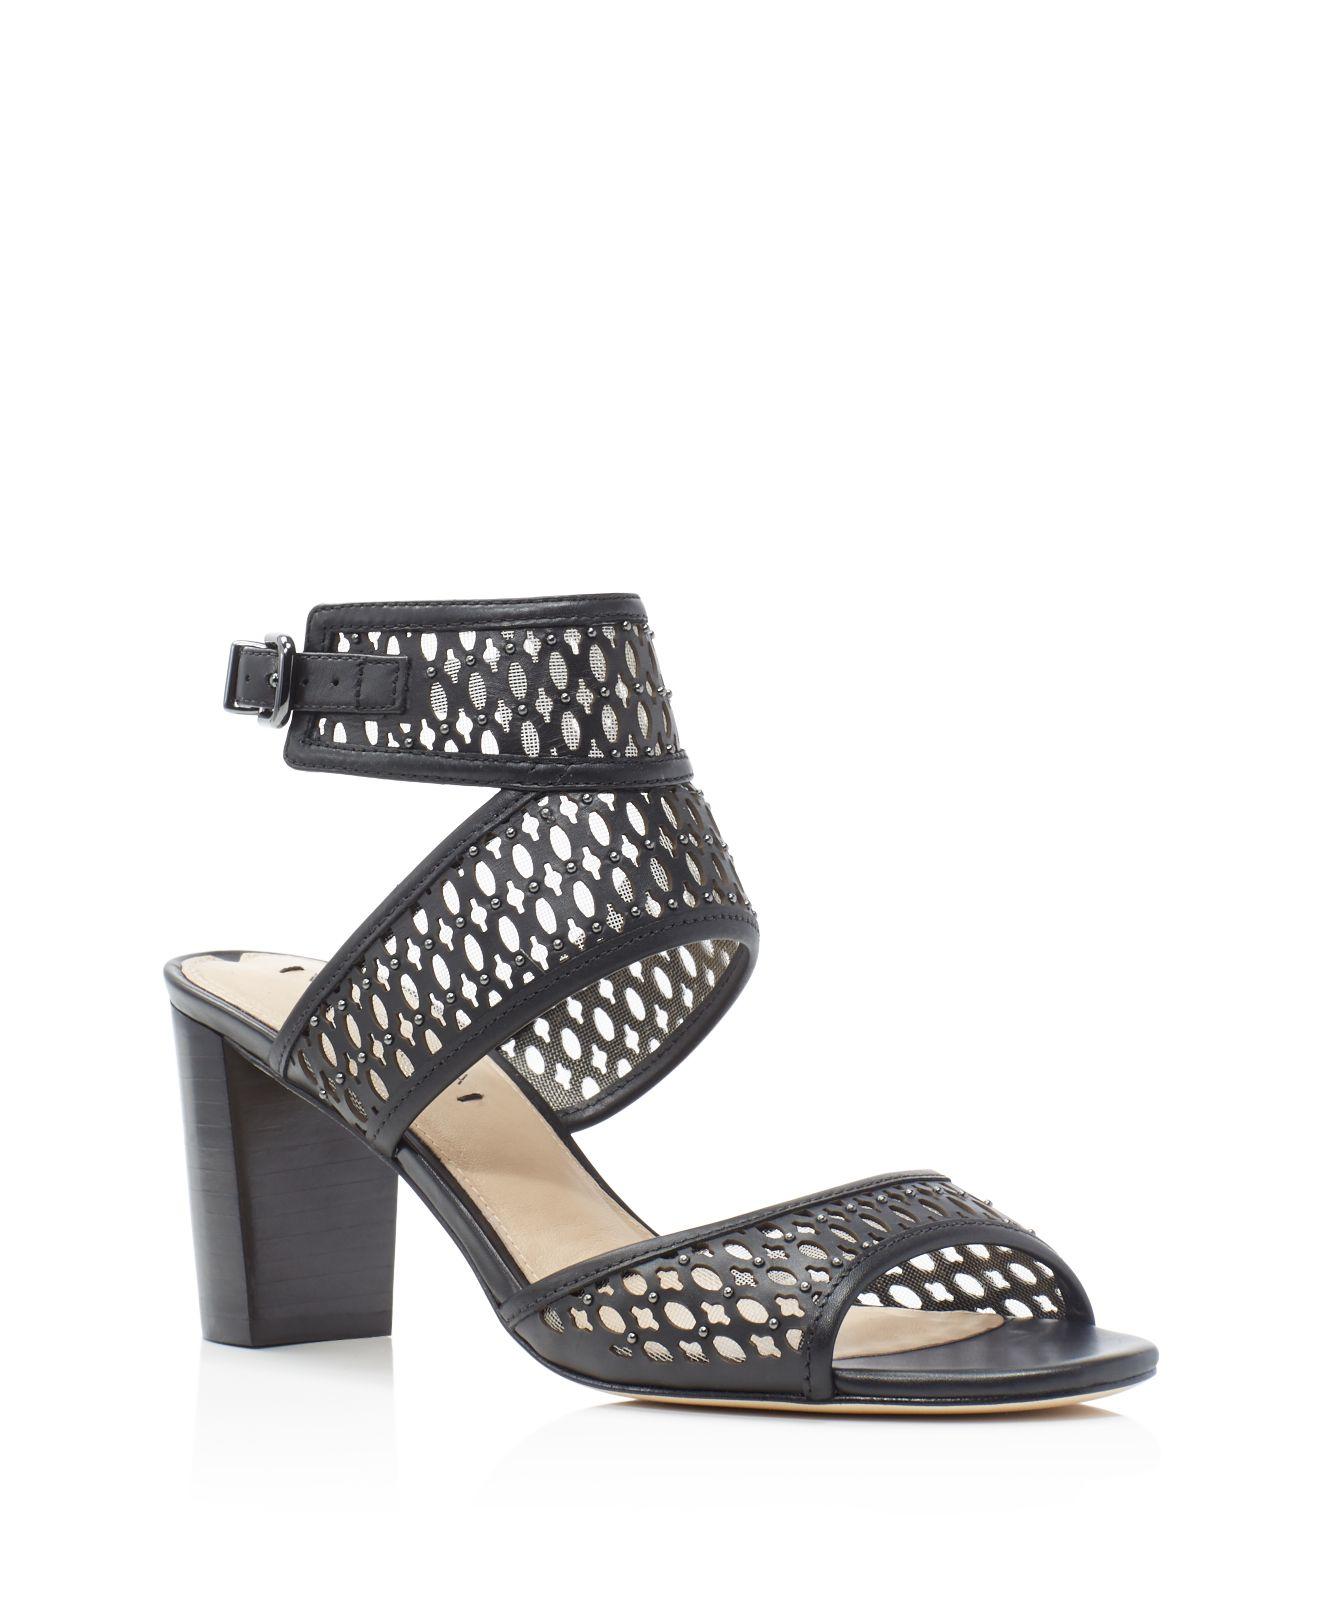 Via Spiga Mens Shoes